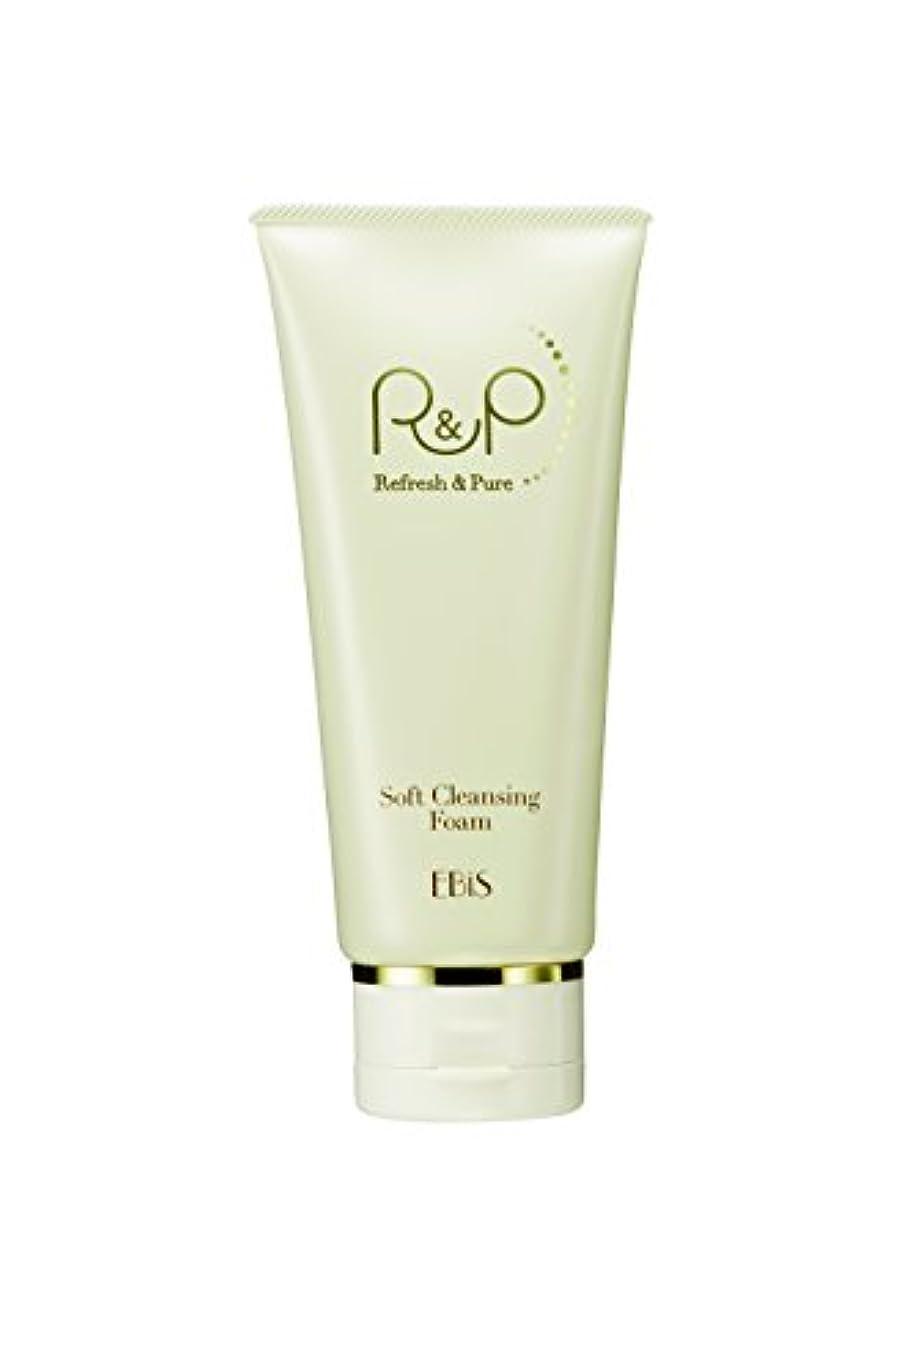 パッド単なる自分エビス化粧品(EBiS) R&Pソフトクレンジングフォーム100g 泥洗顔 洗顔フォーム 高級クレイ使用 ノンアルコール